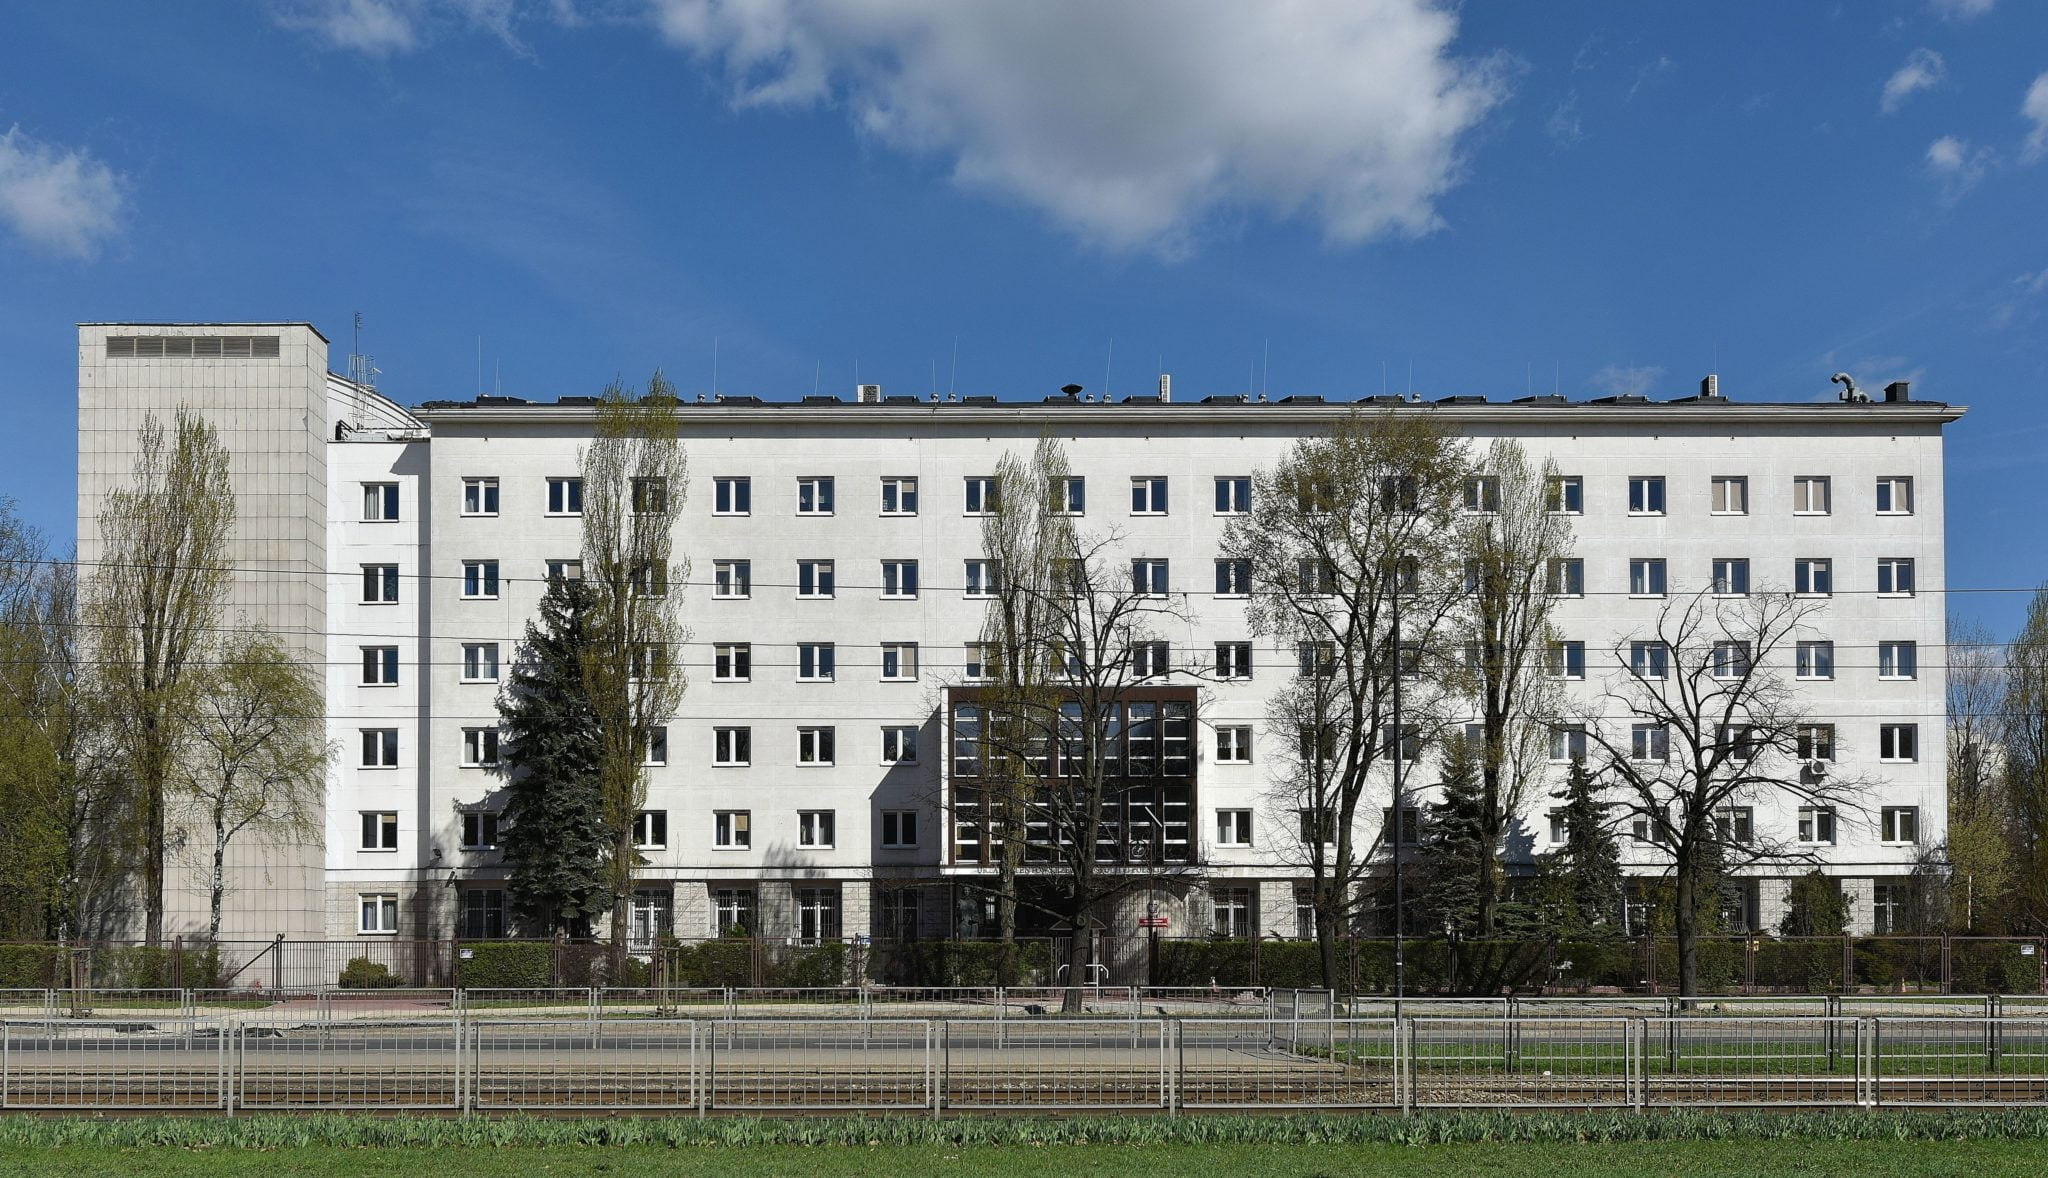 Główna siedziba Urzędu Patentowego Rzeczpospolitej Polskiej (UPRP)